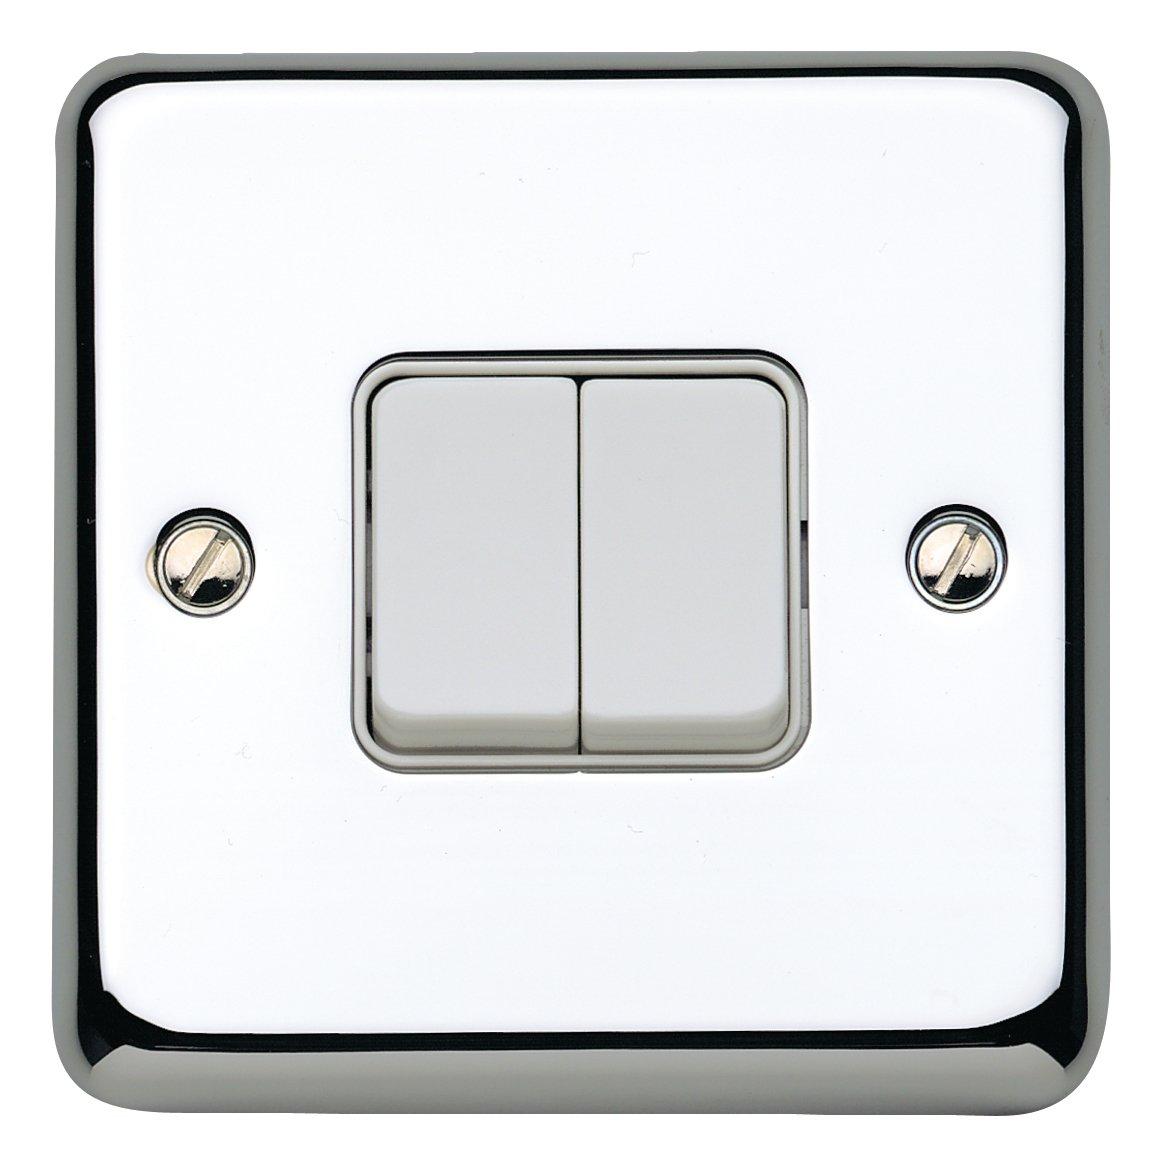 MK Chroma Plus K4672PCR 10A 2-Gang 2-Way Single Pole Switch